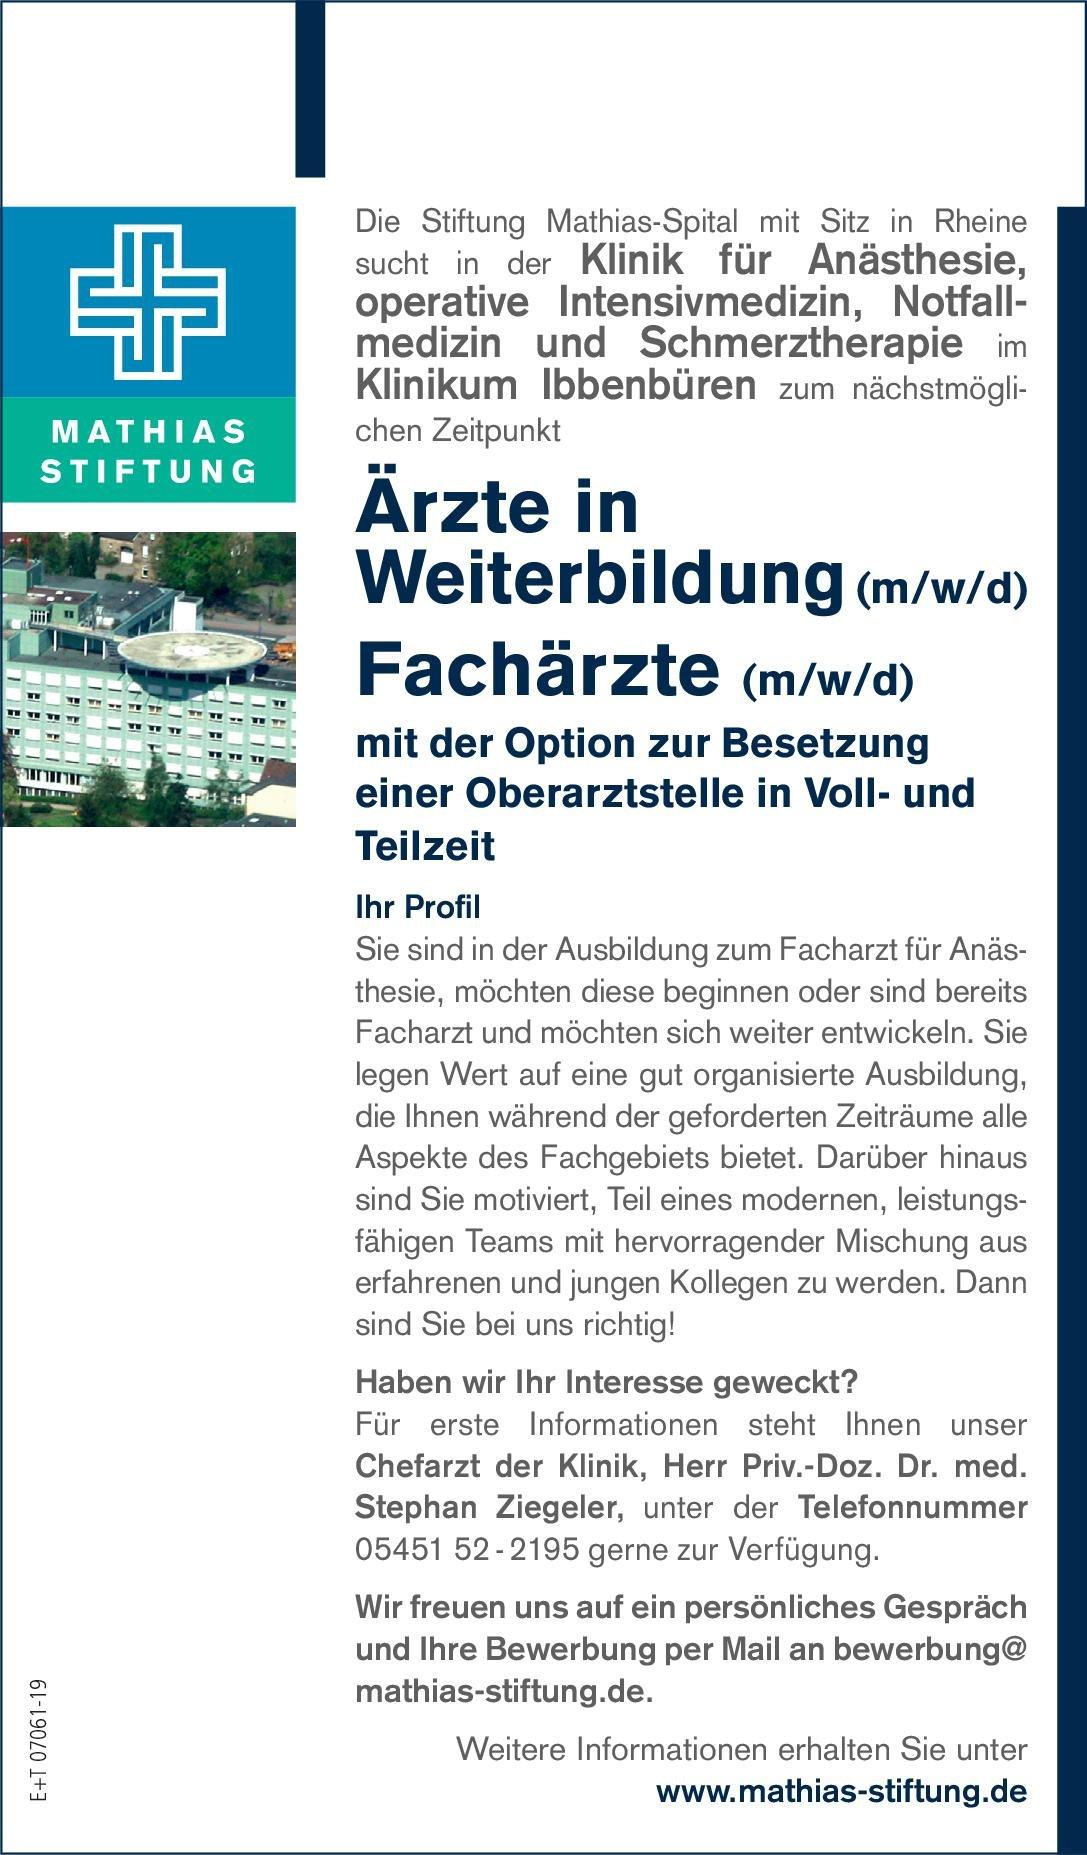 Stiftung Mathias-Spital Fachärzte (m/w/d) Anästhesiologie / Intensivmedizin Arzt / Facharzt